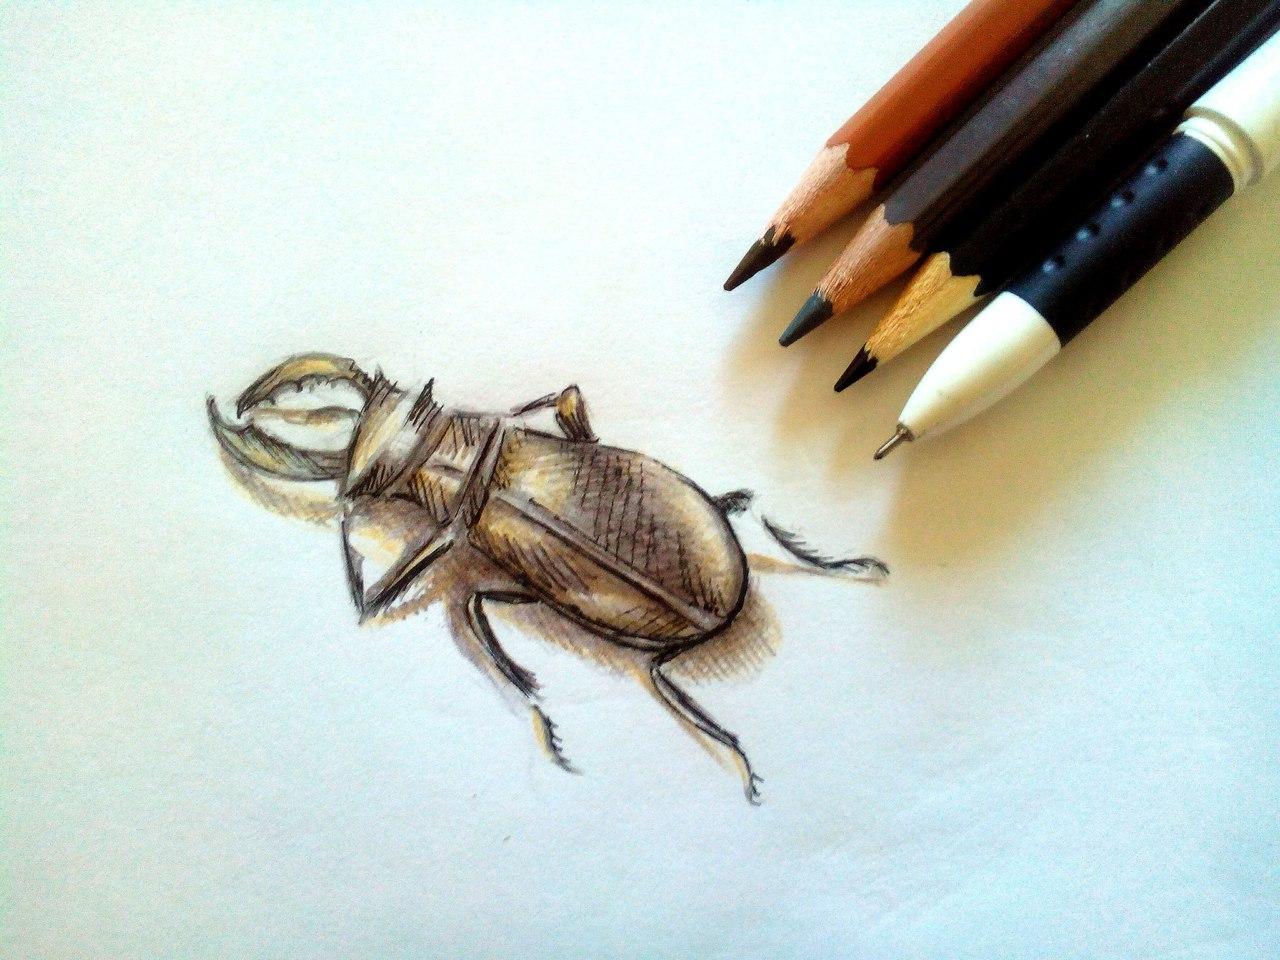 Как нарисовать жука карандашом поэтапно?